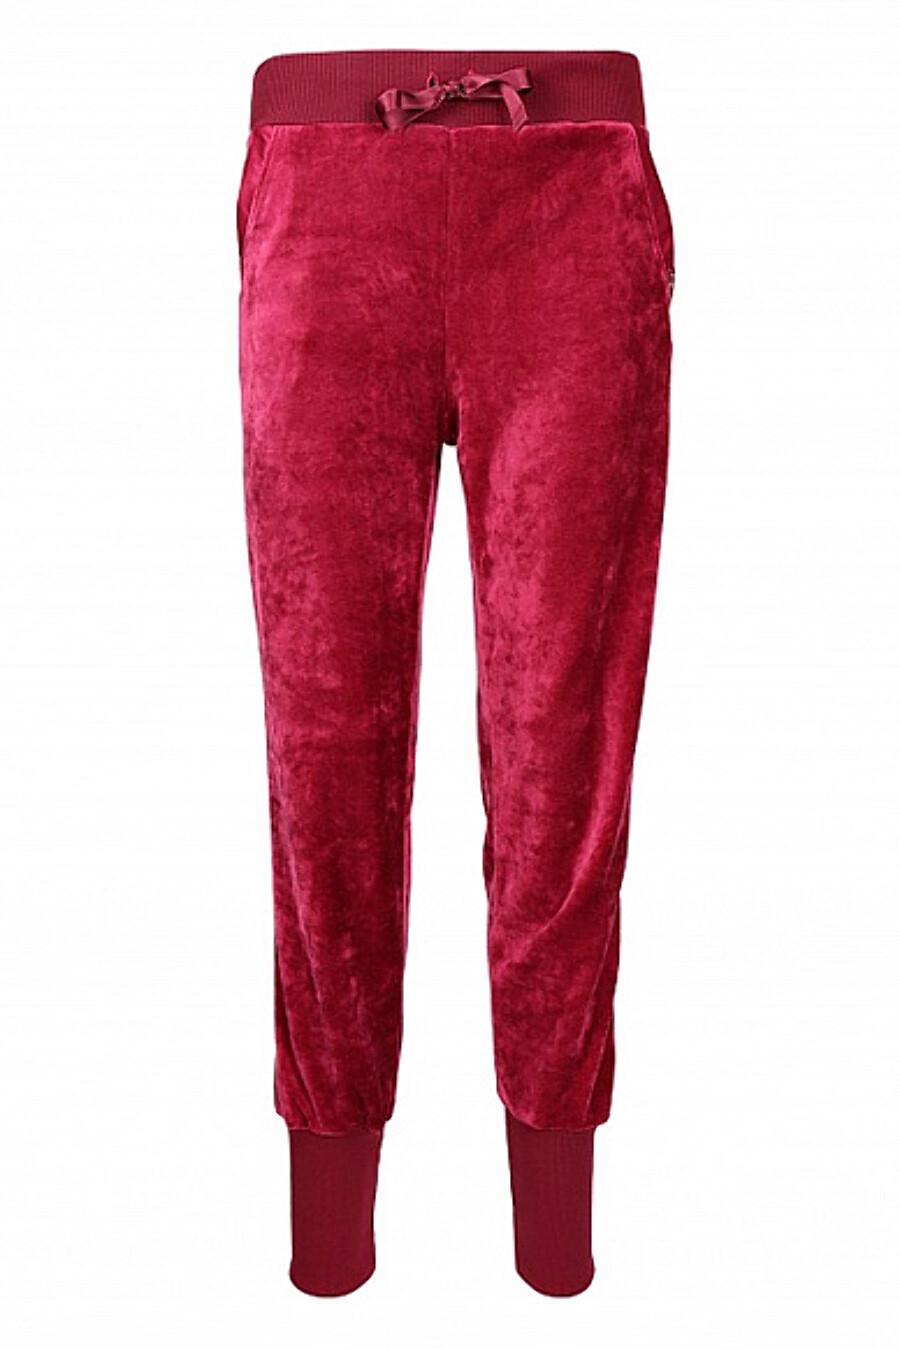 Брюки для женщин OPIUM 649176 купить оптом от производителя. Совместная покупка женской одежды в OptMoyo